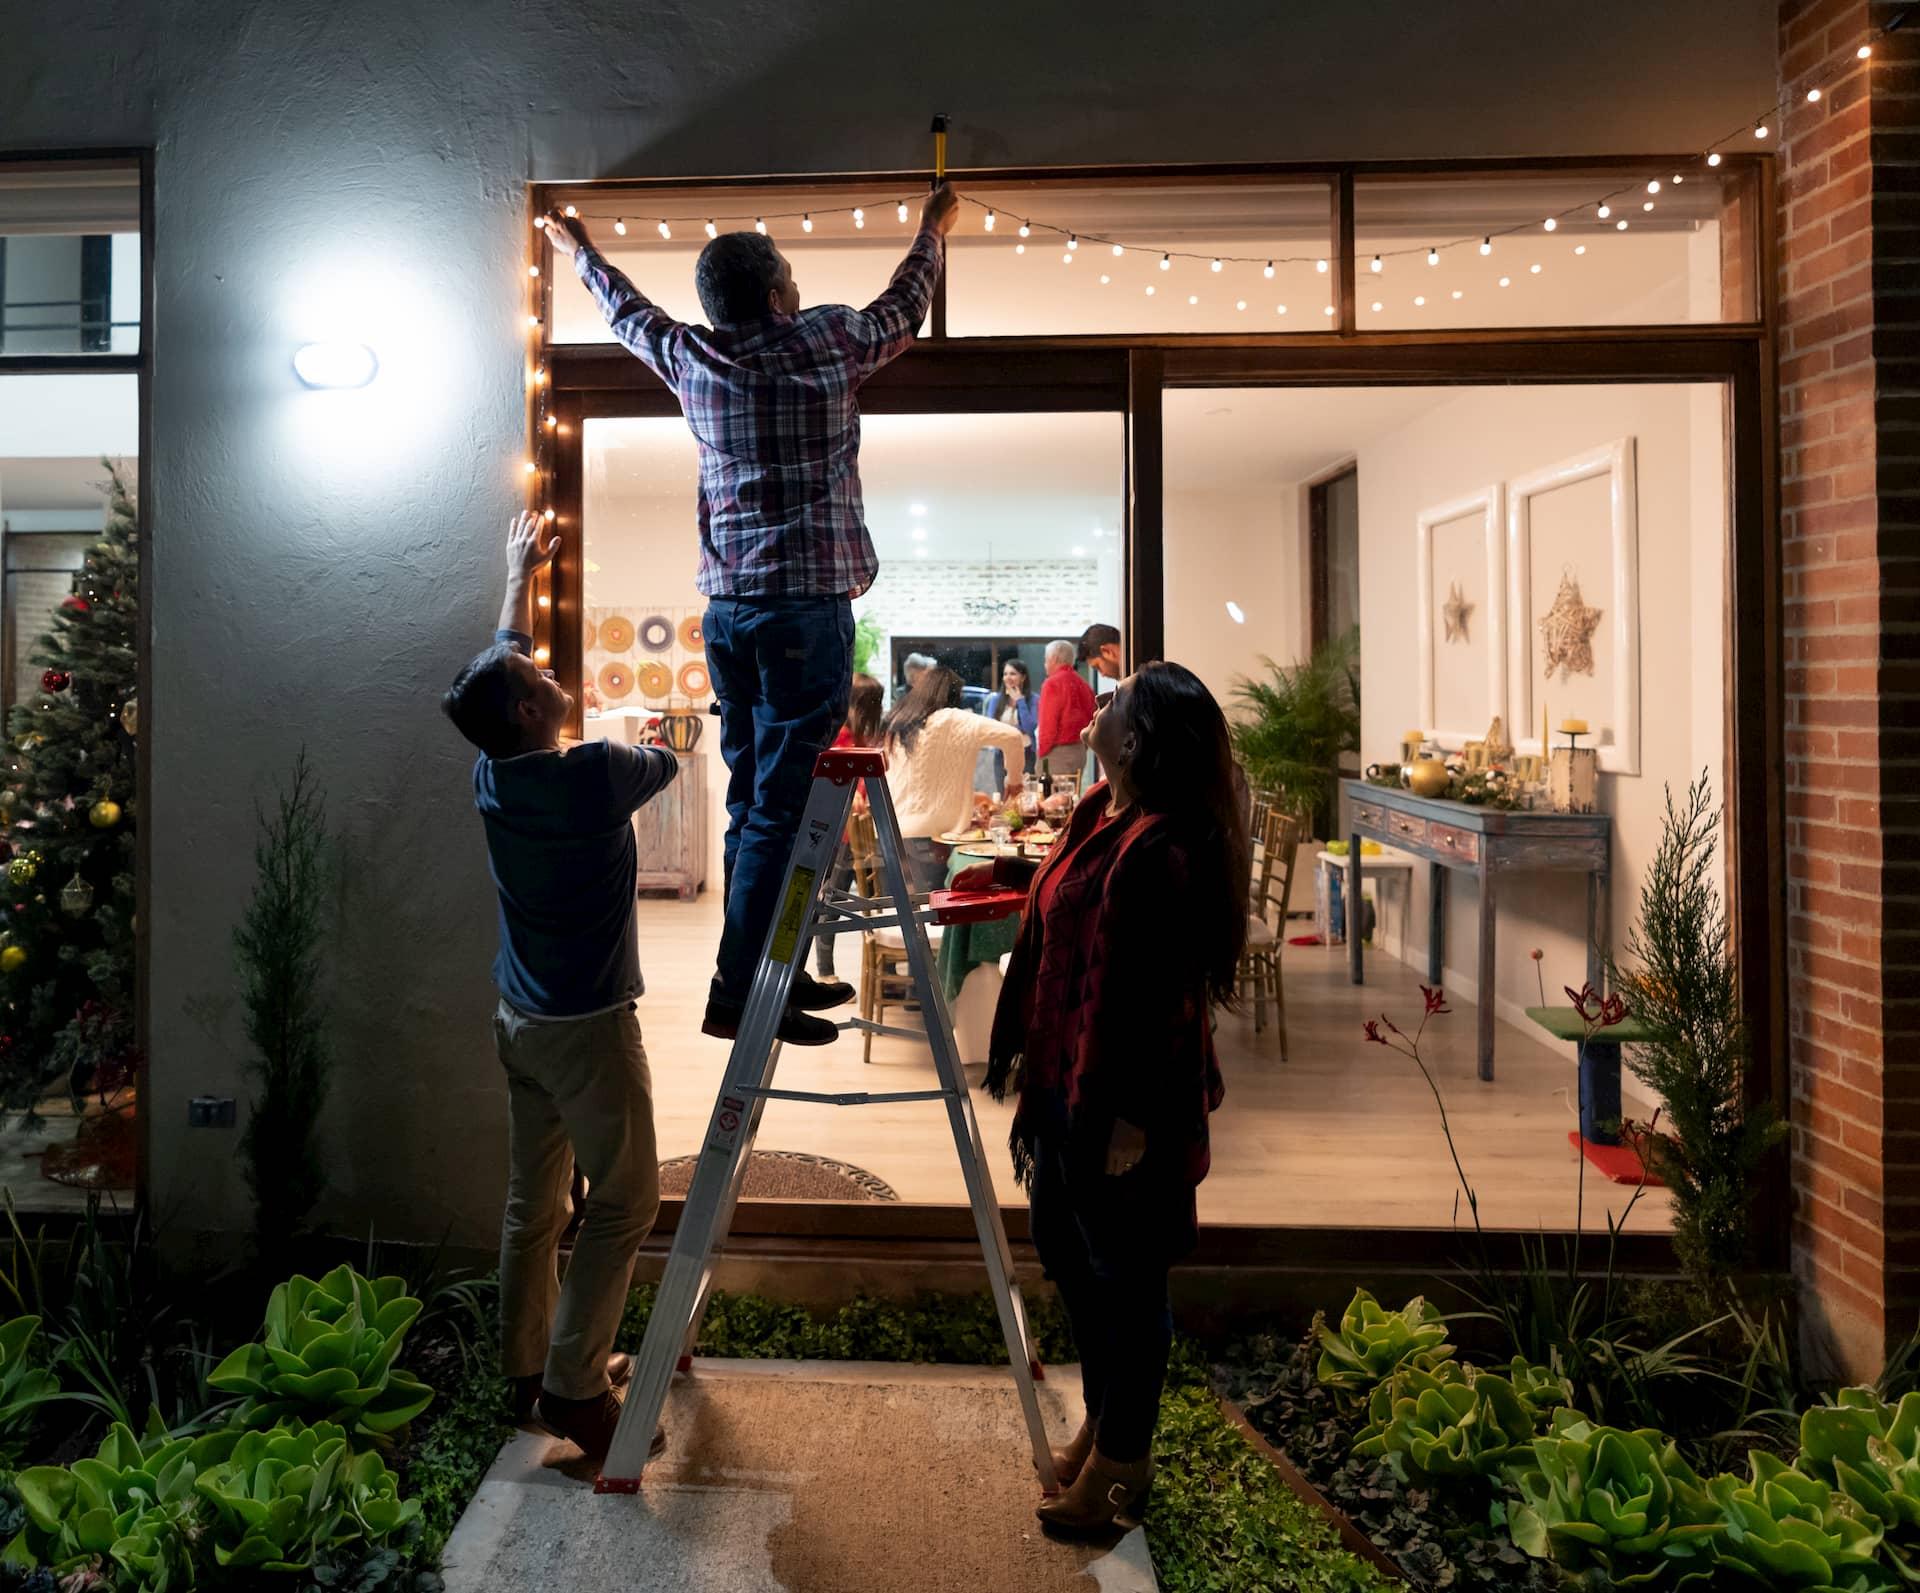 Installation de lumières à l'extérieur